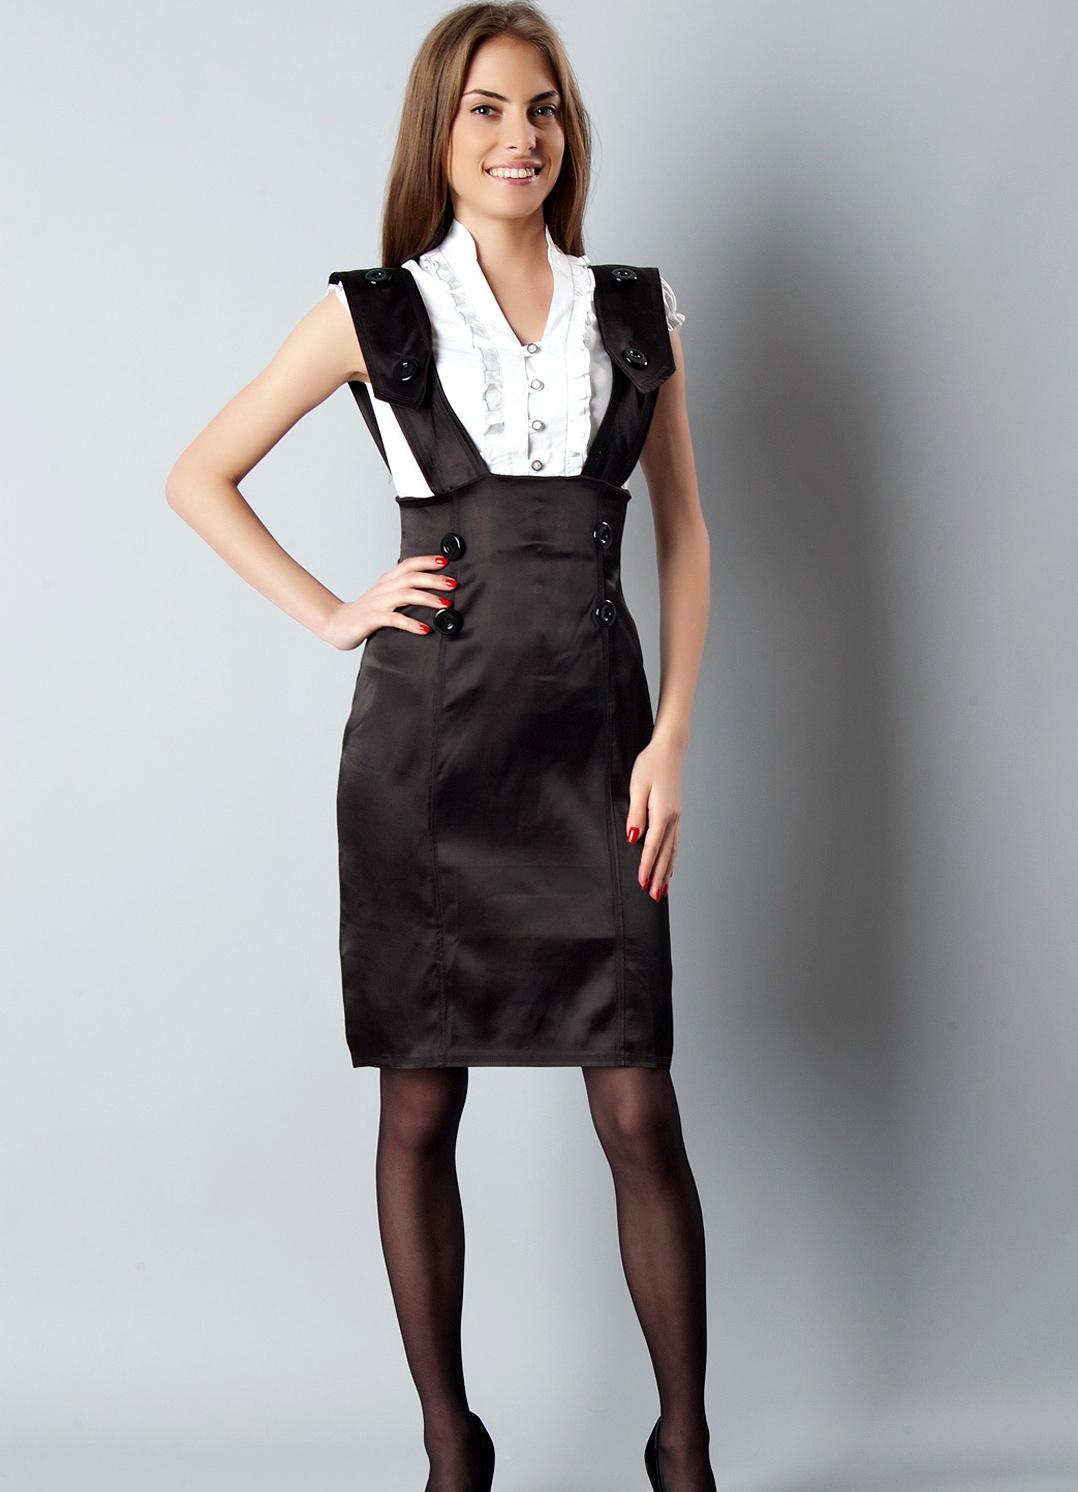 6f77945c700 Черный сарафан (35 фото)  с чем носить